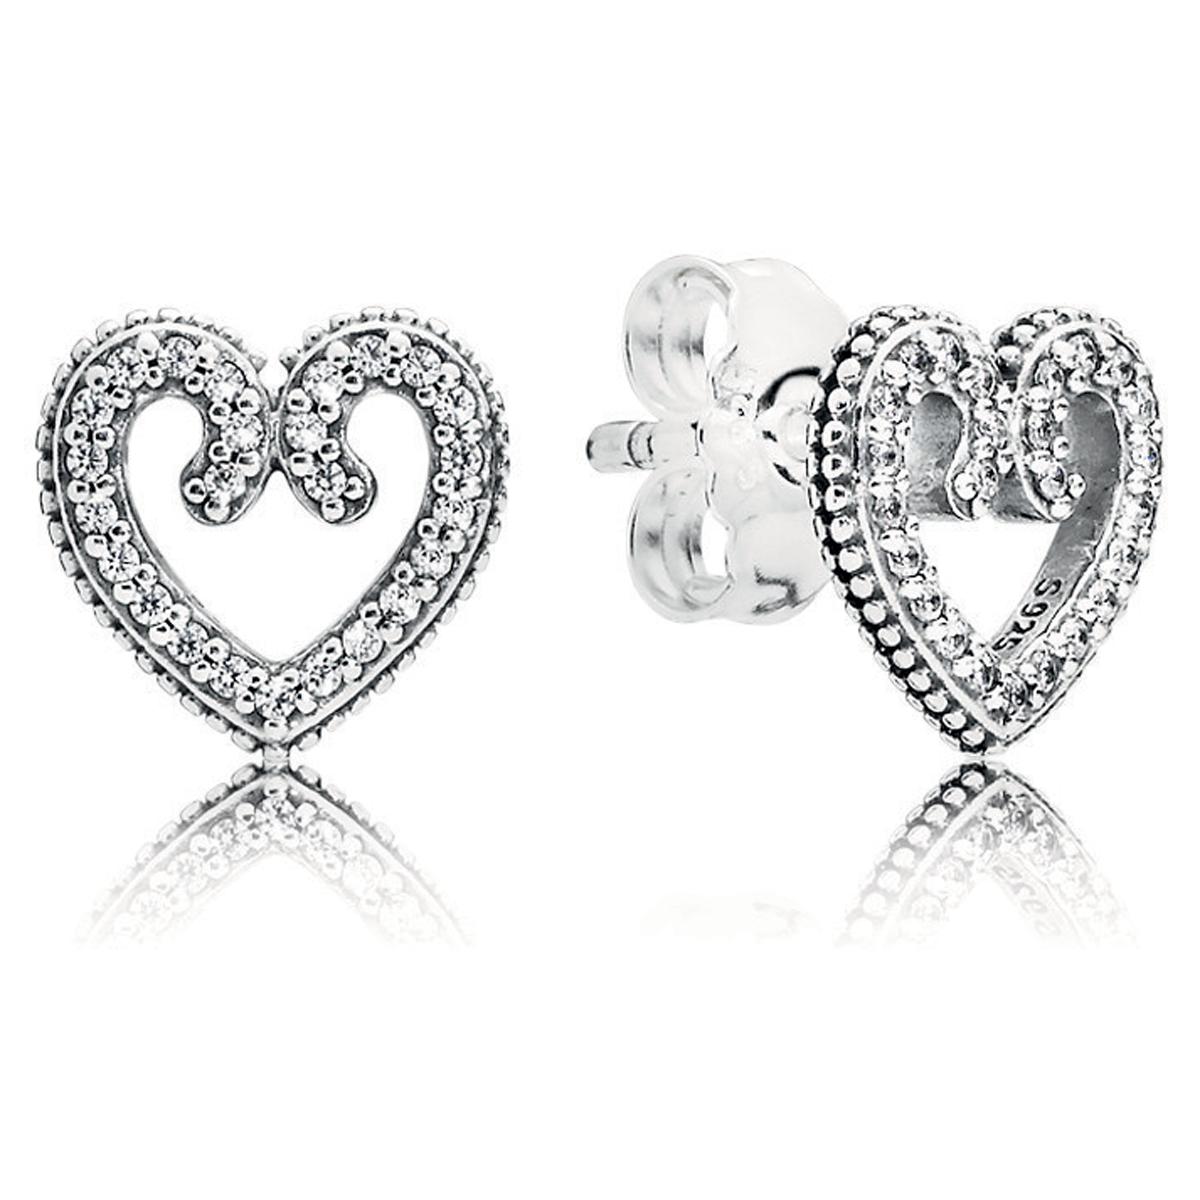 8ebad5480 australia pandora earrings heart shaped football da9ad cfdea